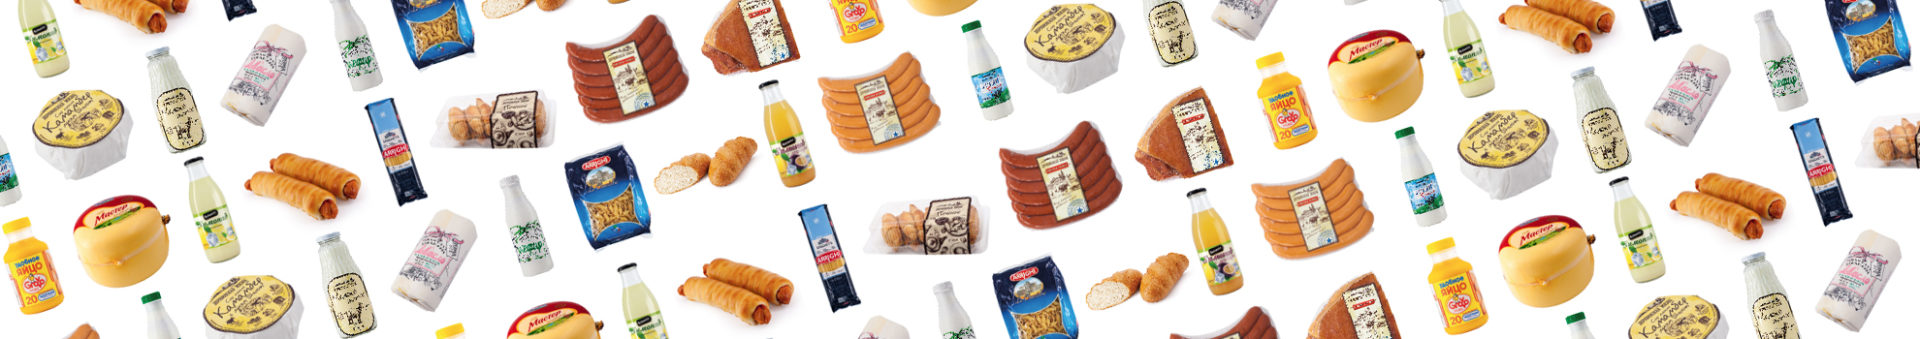 Предметная фотосъемка пищевых продуктов для каталога интернет магазина «Милкбокс»